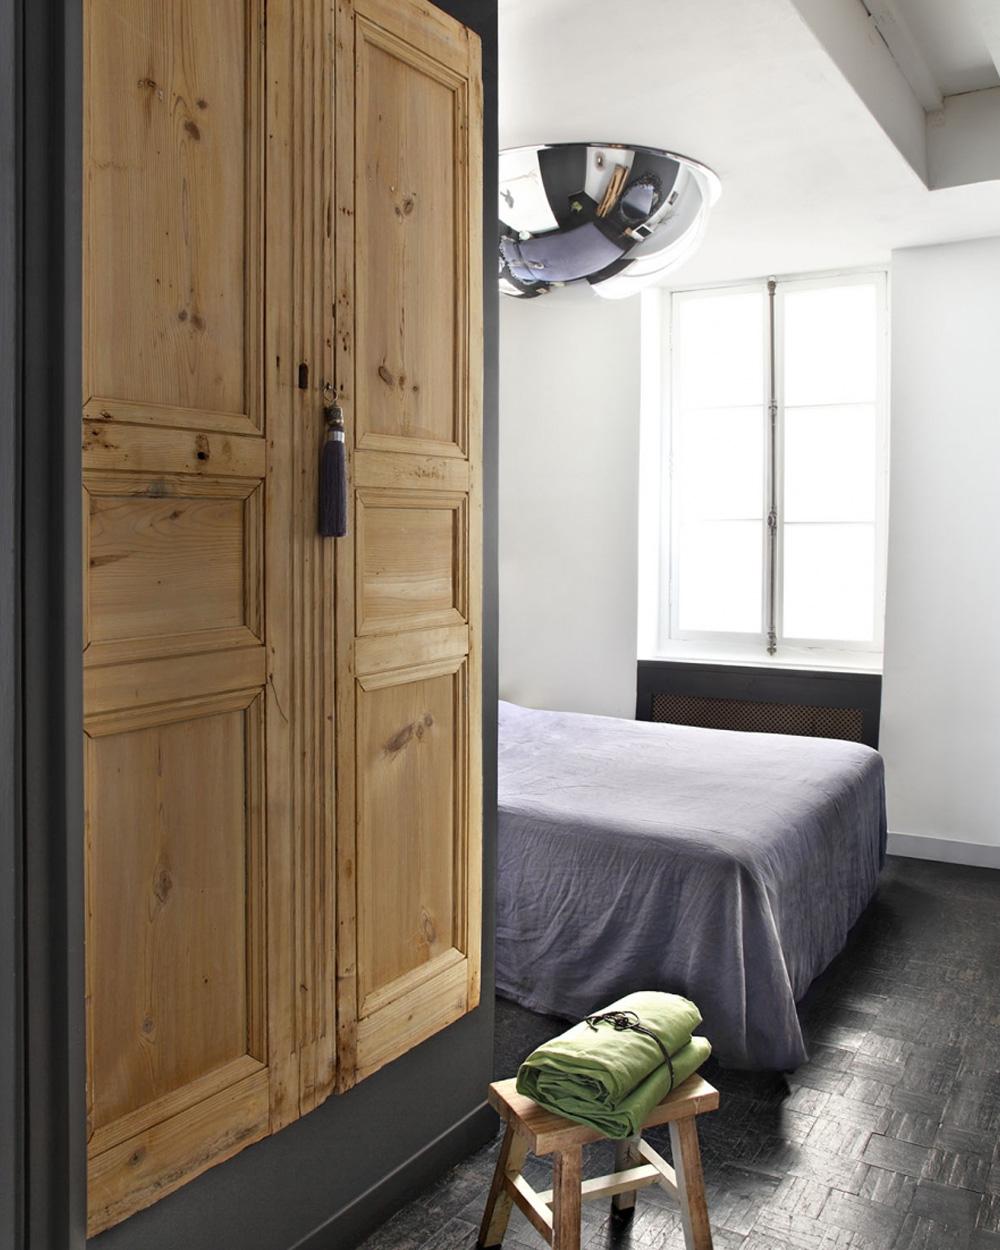 fermer un placard cool with fermer un dressing avec des rideaux rideau excellent store kit de. Black Bedroom Furniture Sets. Home Design Ideas